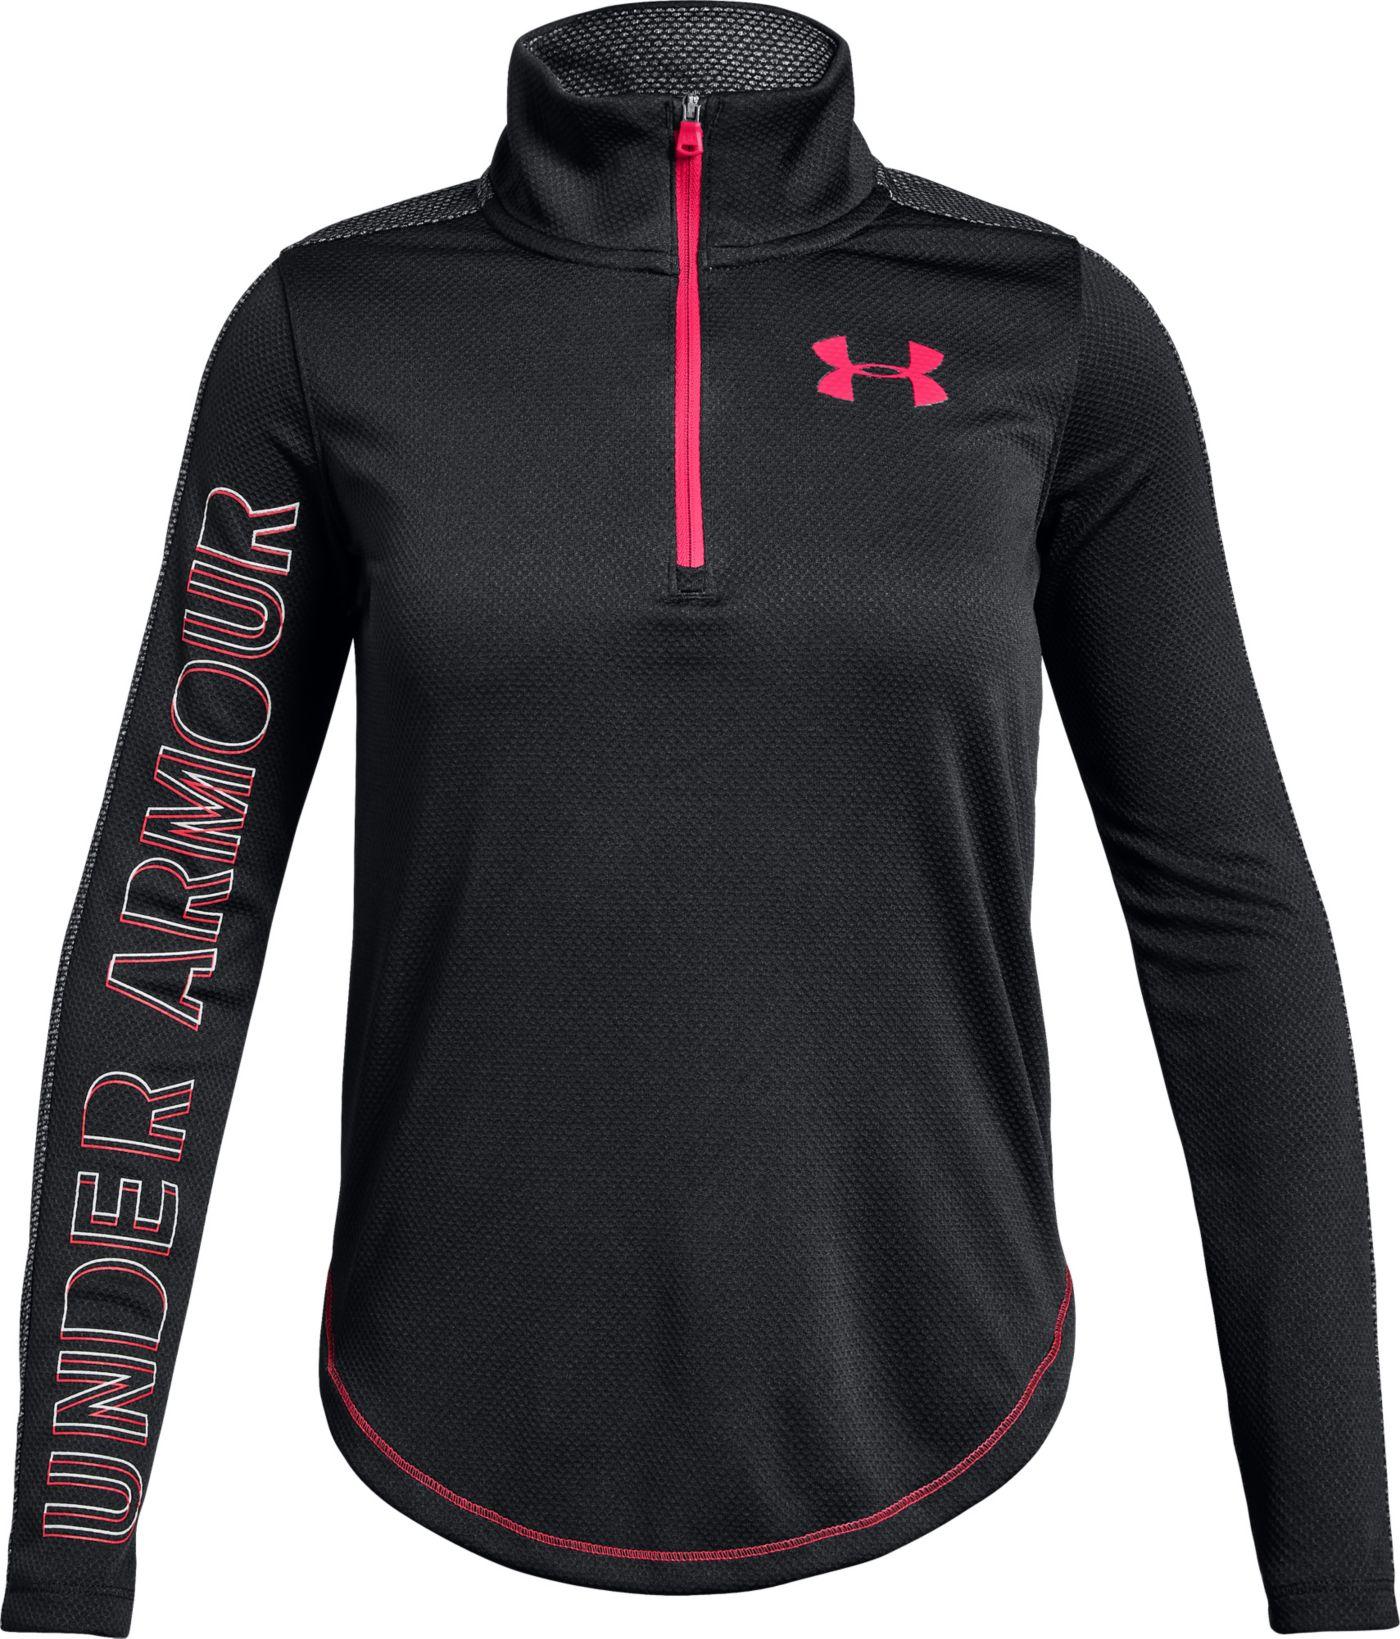 Under Armour Girls' Tech 1/2 Zip Long Sleeve Shirt